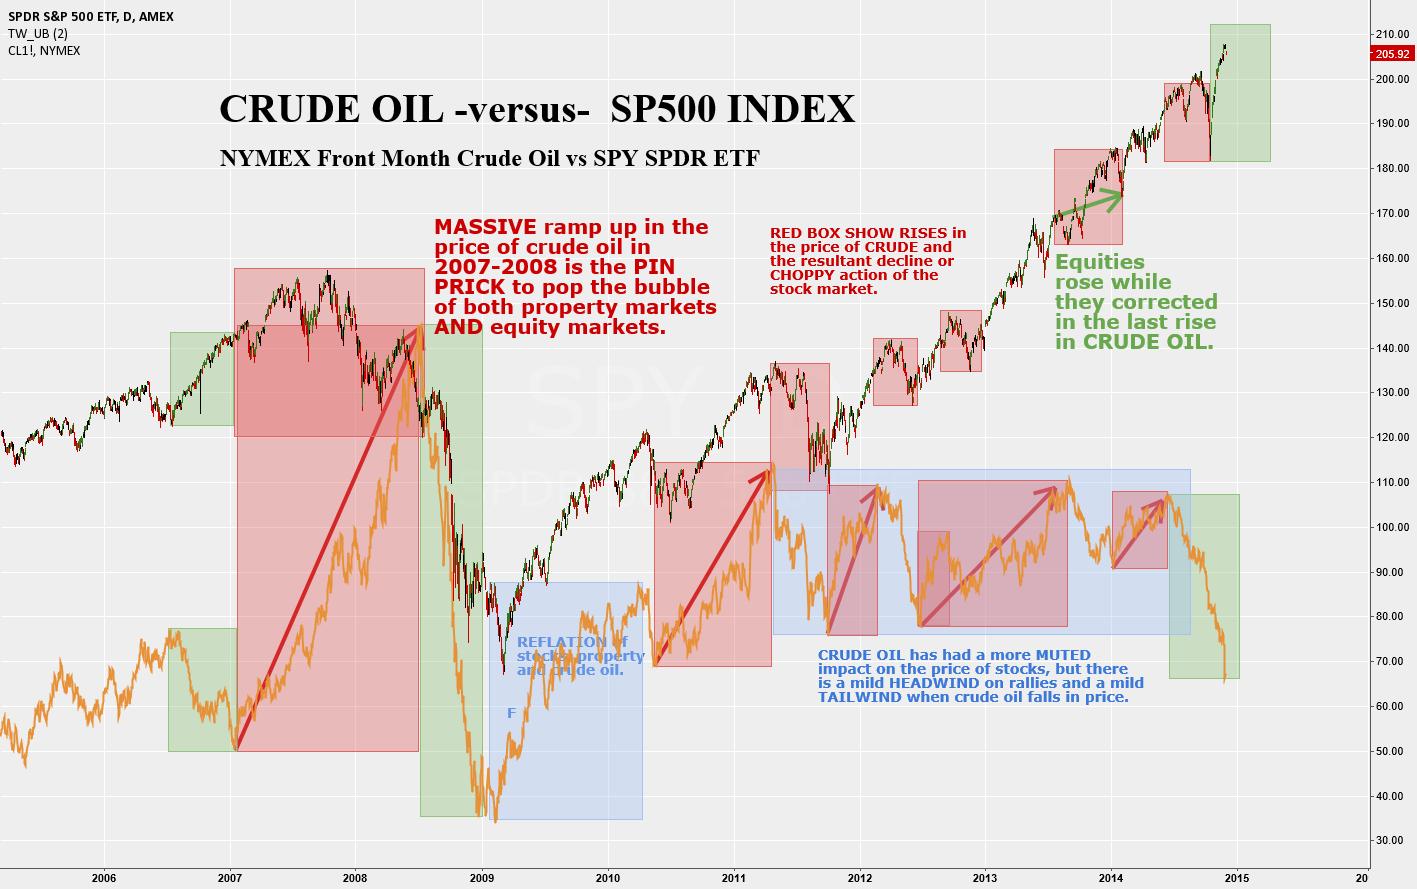 Crude Oil vs S&P500 Index - Headwinds vs Tailwinds